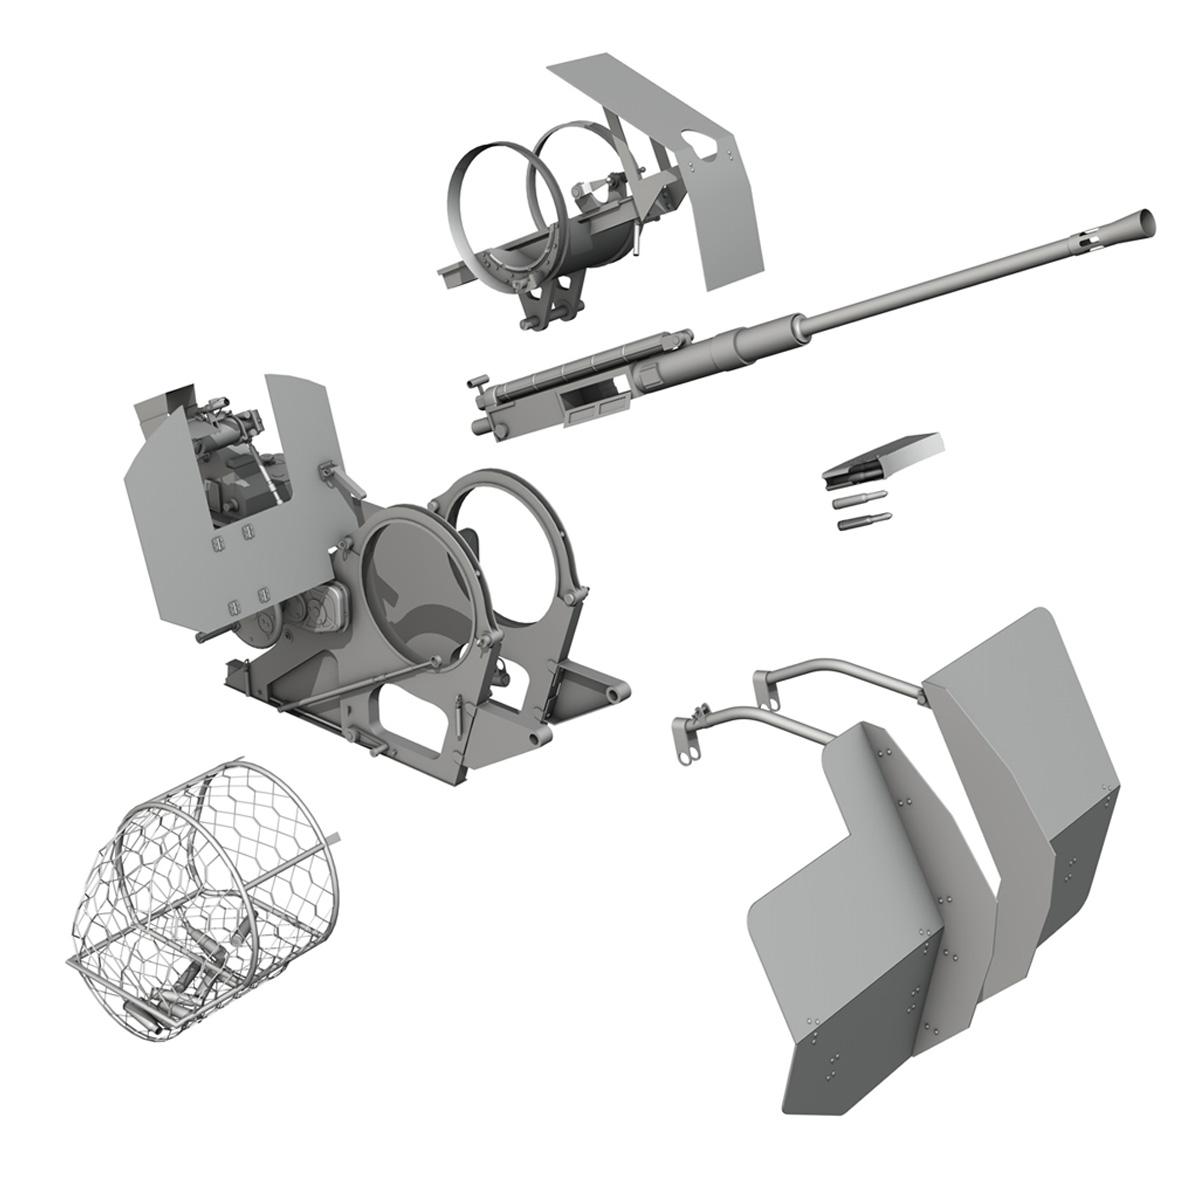 2cm flak 38 s sd.ah. 51 - prikolica 3d model 3d c4d fbx lwo lw lws obj 267219